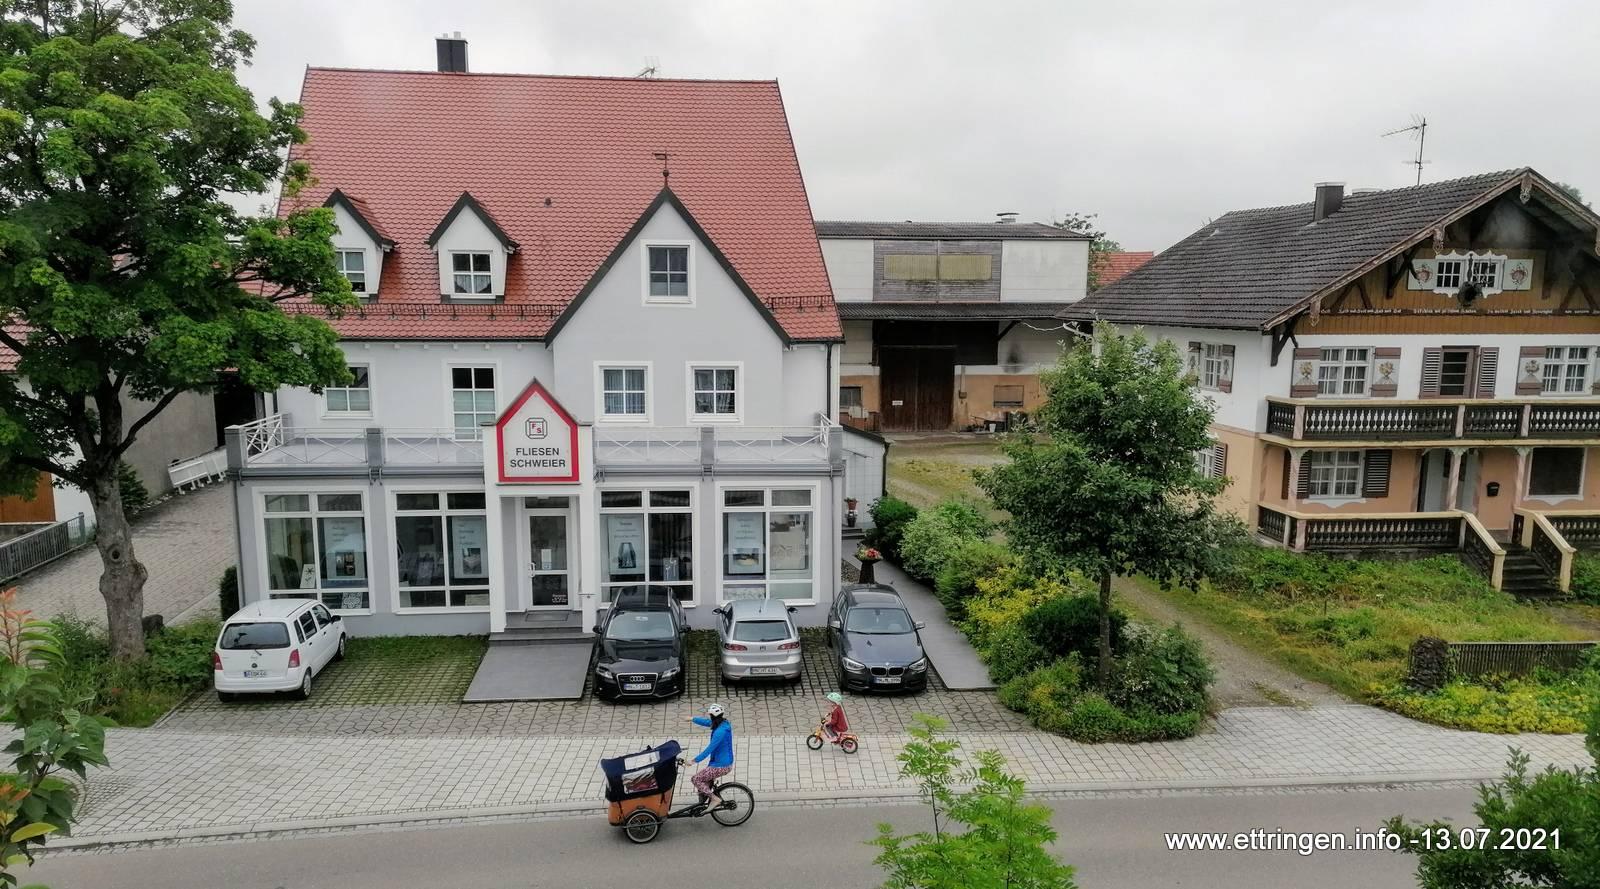 Auch in Ettringen werden Lastenfahrräder genutzt